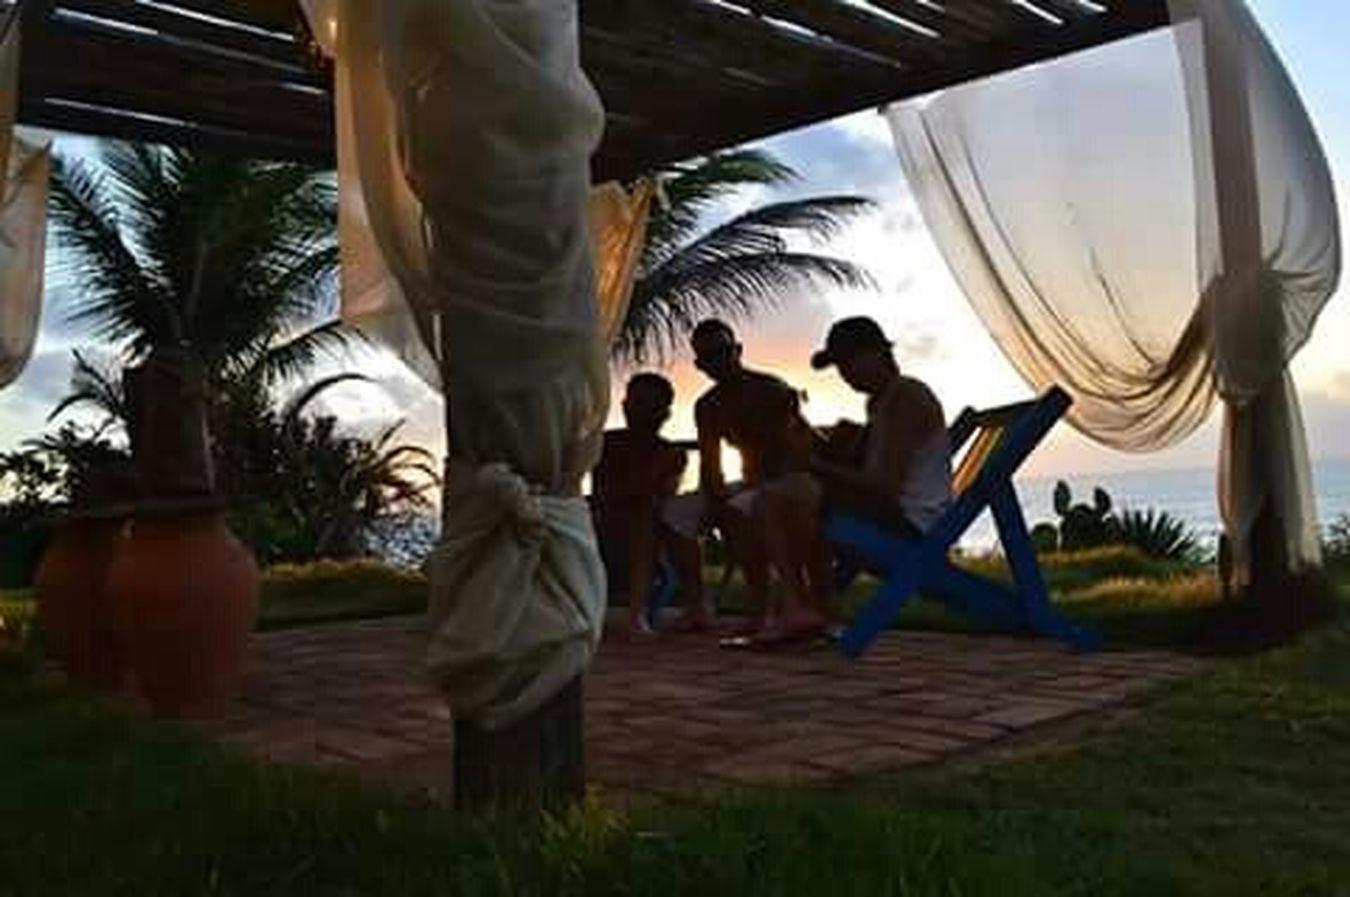 """Domingo de manhã. """"Hoje o sol mostrou toda beleza, clareando o dia, levantando o astral. De tanta luz surgiu uma pensamento bom: celebrar o reggae e a vida."""" Em Lagoa Azeda, Alagoas."""